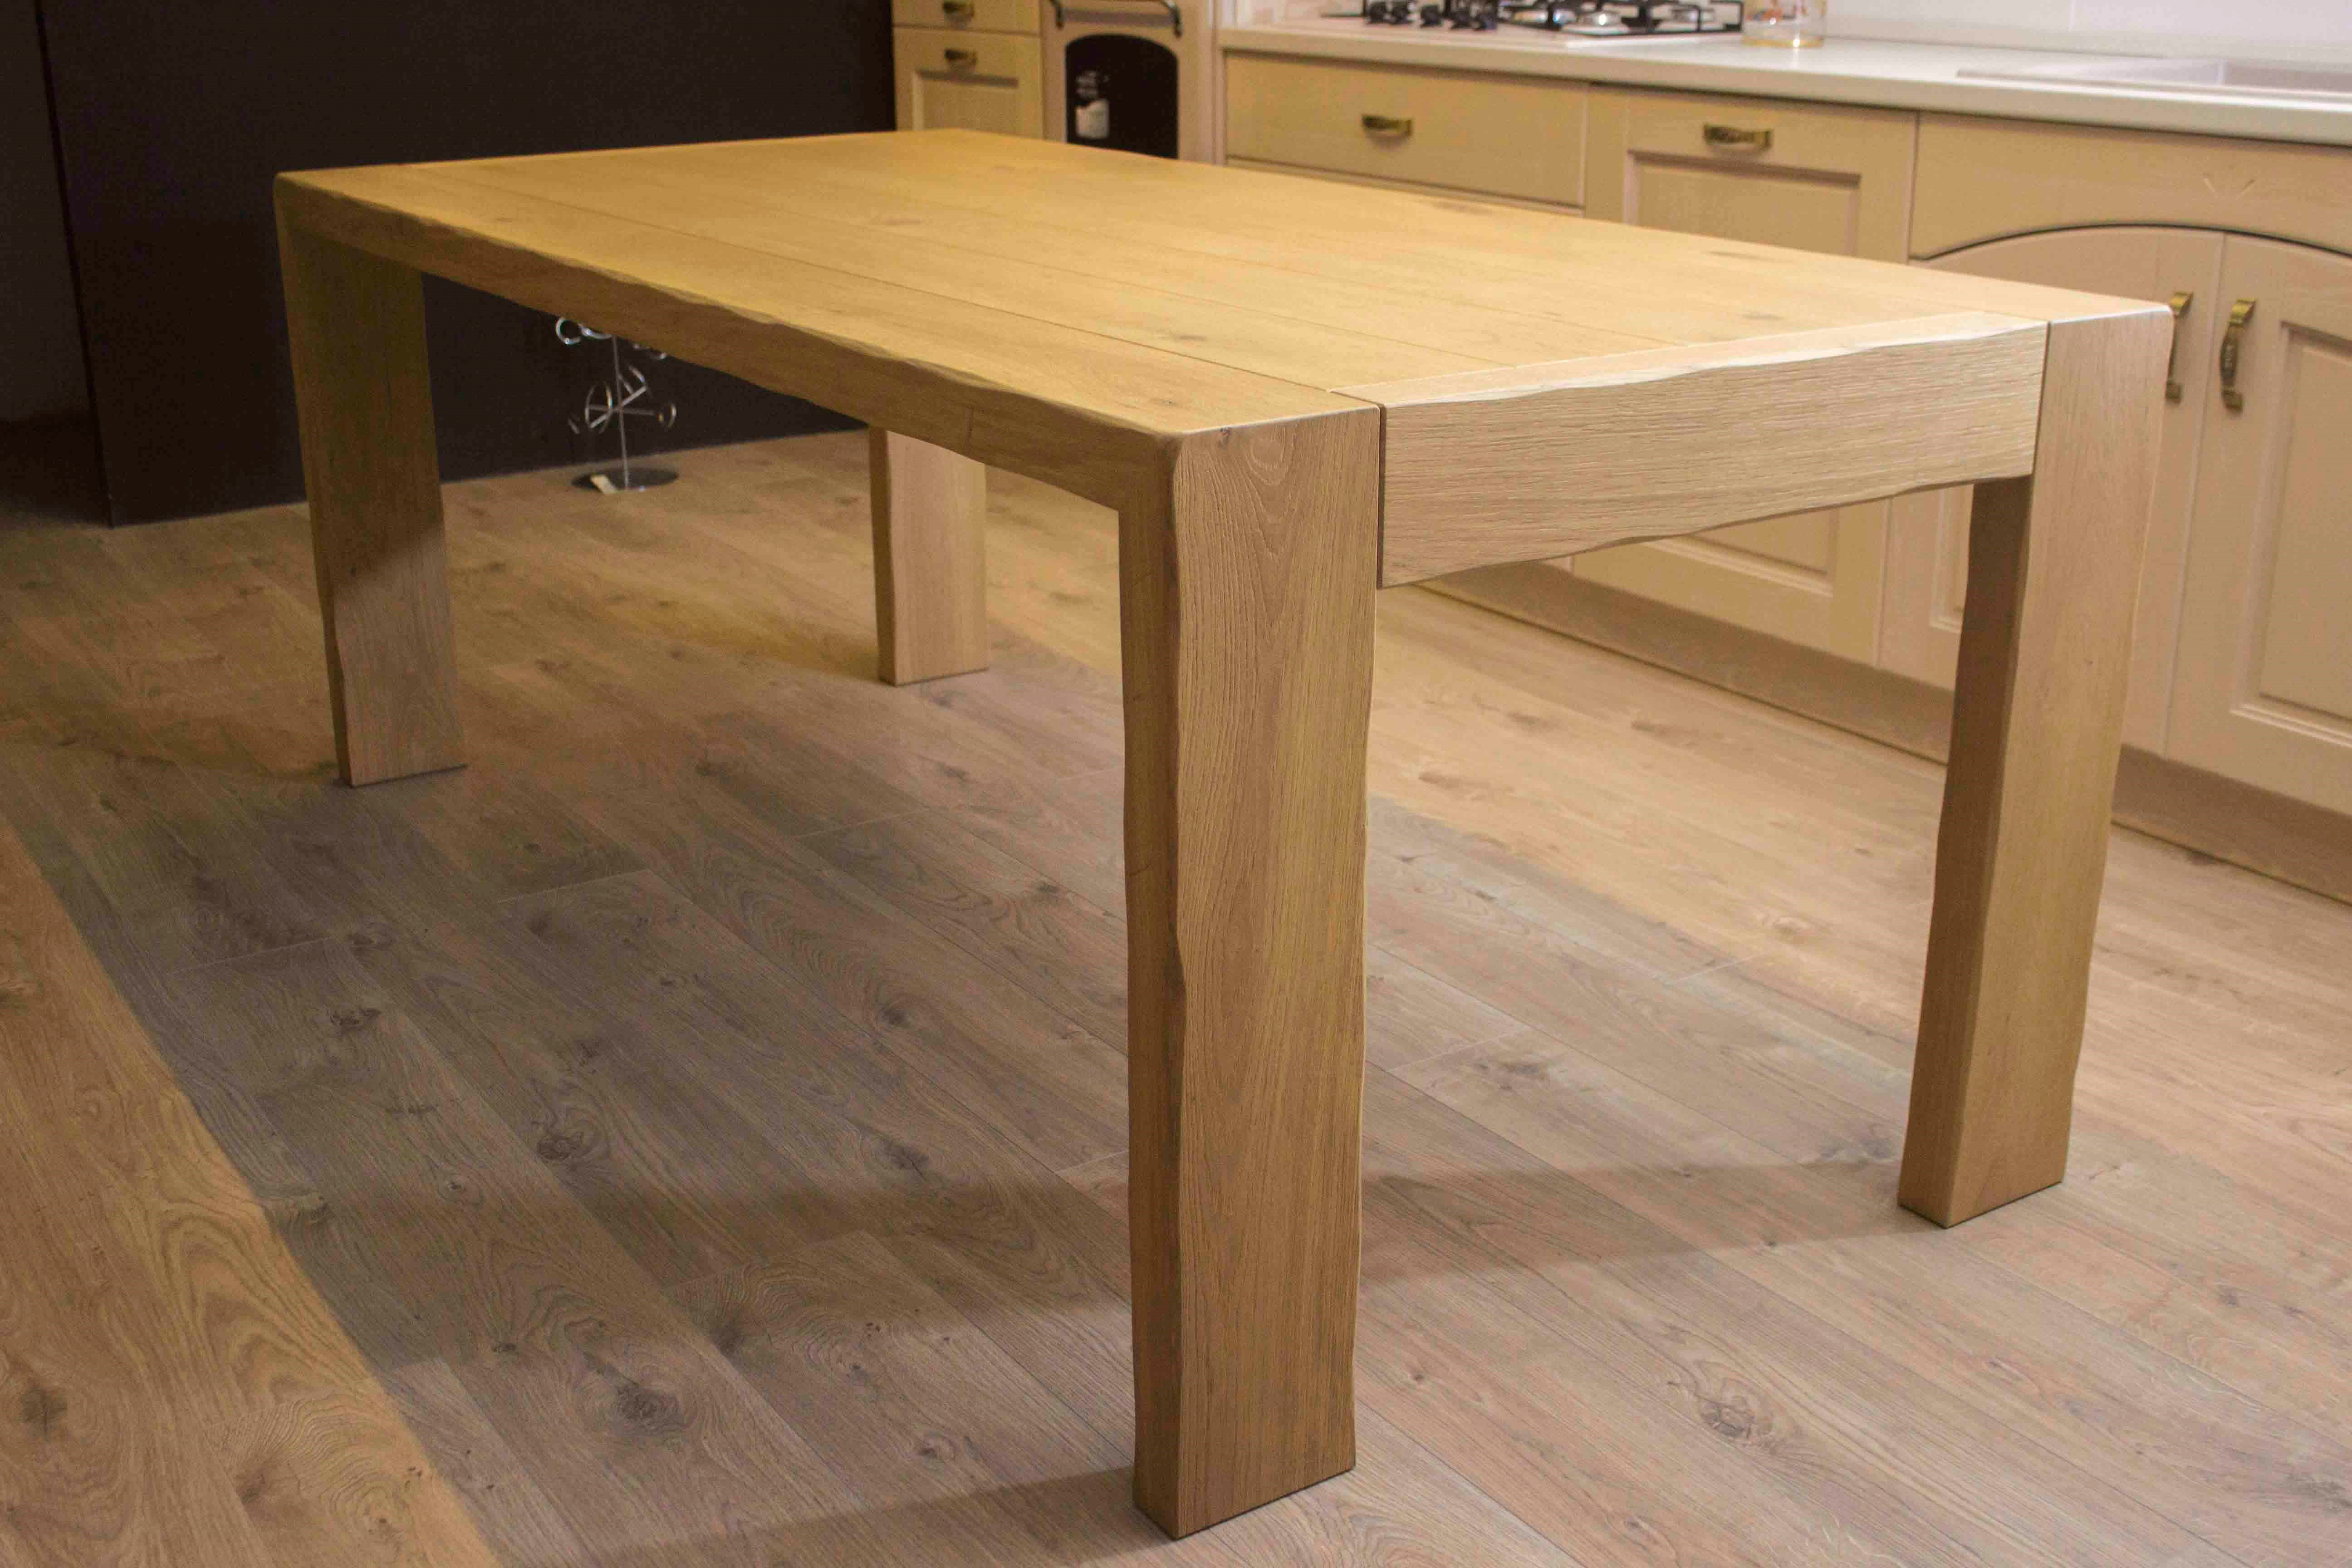 Tavolo Veneta Cucine Modello Venik Rettangolare Scontato Del 45 %  #9E6E2D 5184 3456 Veneta Cucine è Una Buona Marca